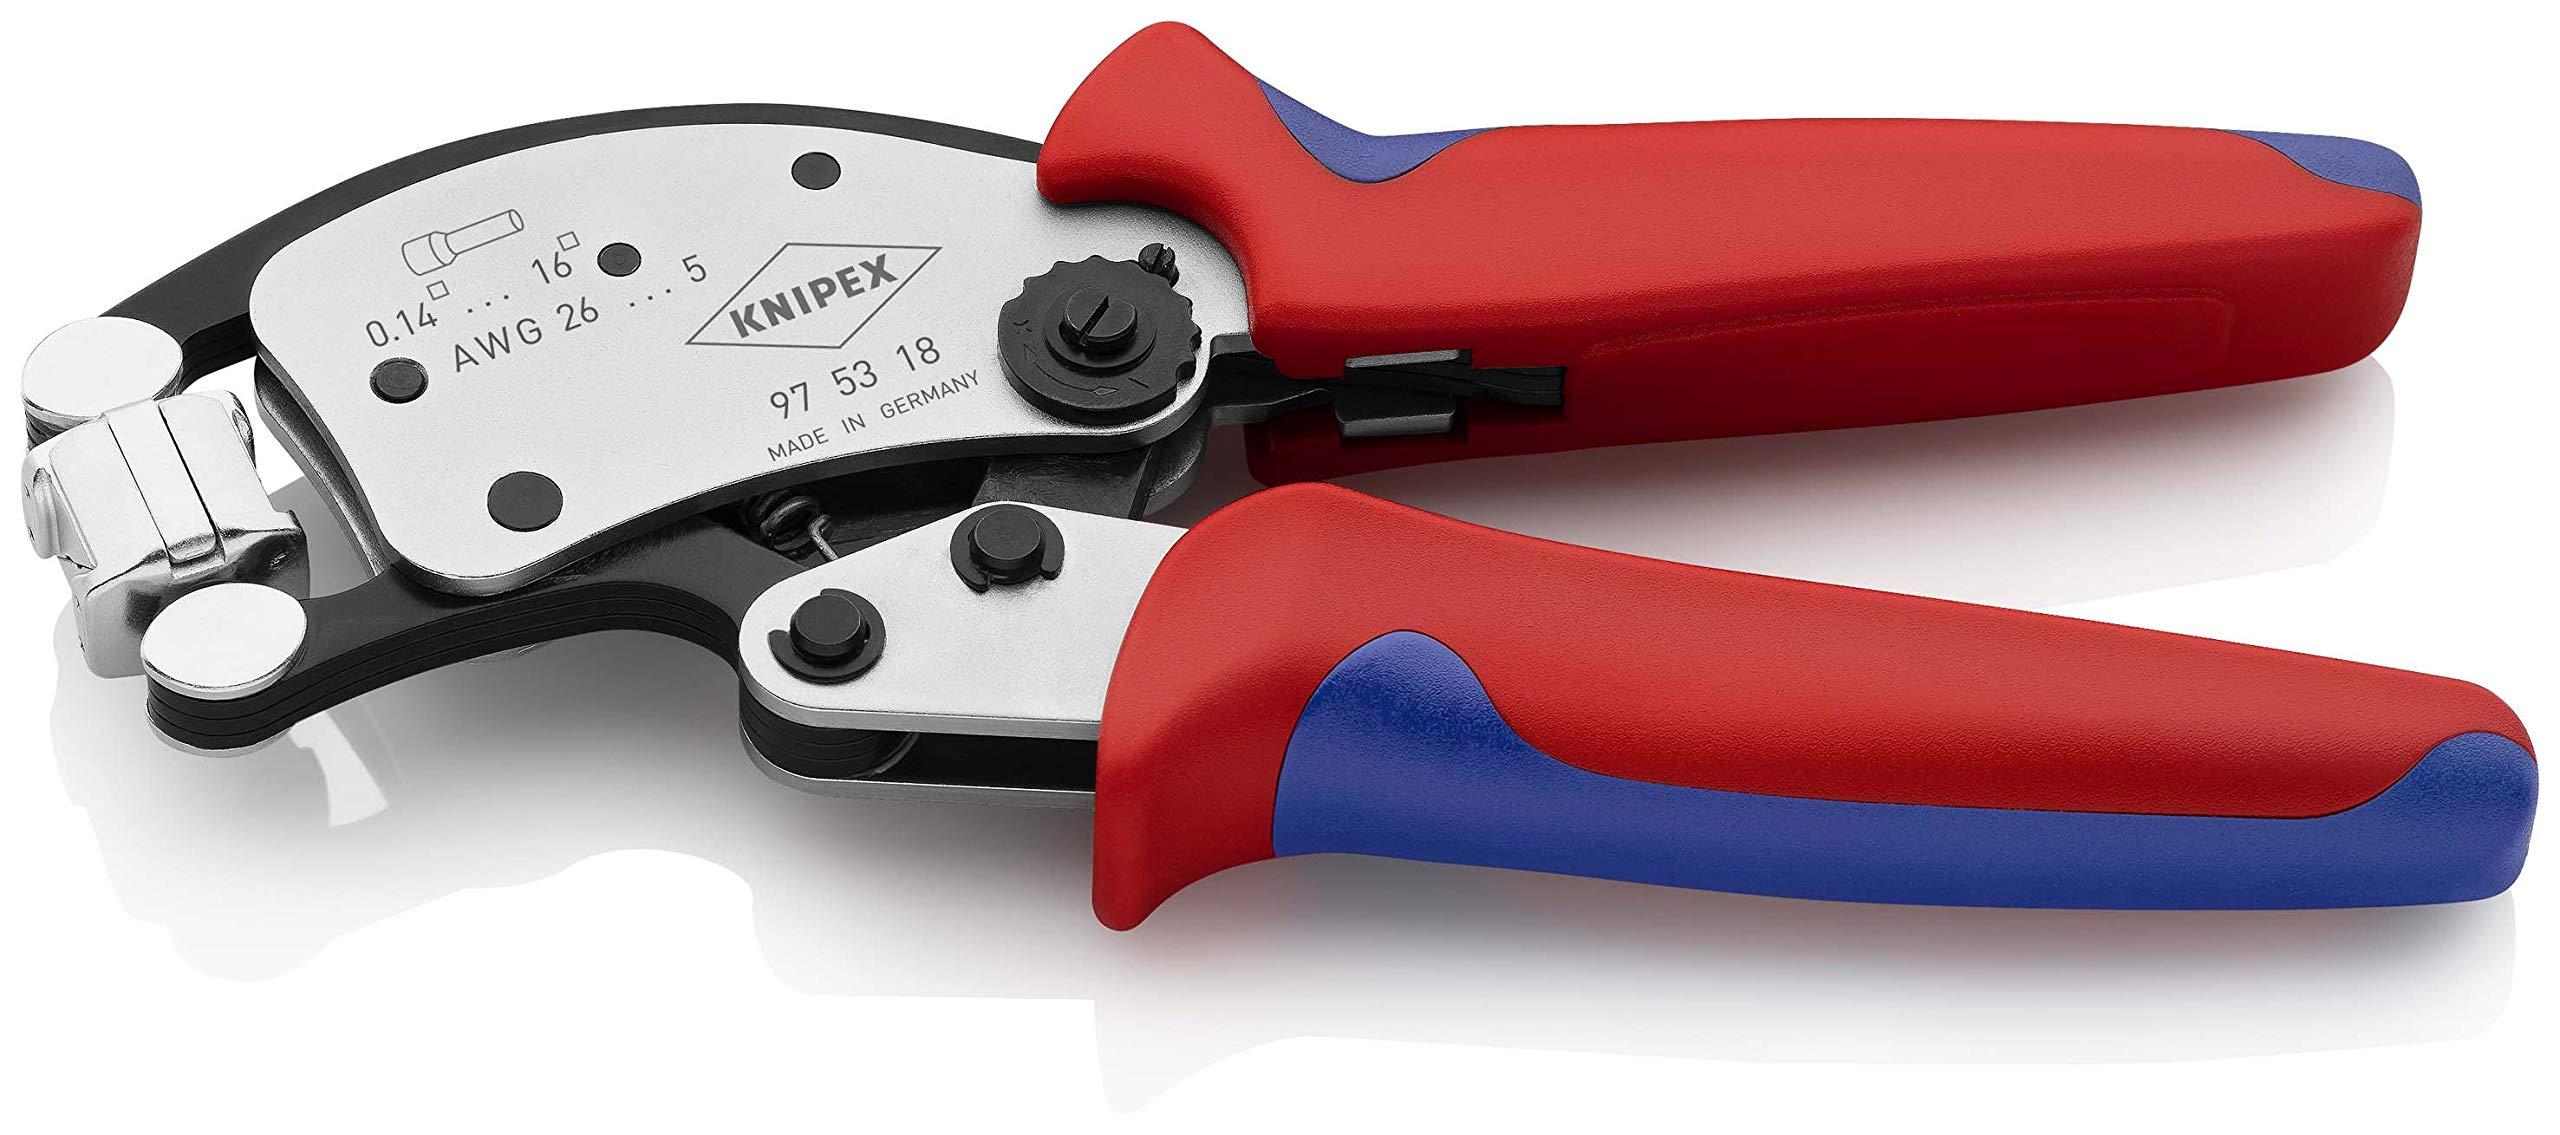 2465052-Knipex-97-53-18-Twistor16-Pinza-per-terminali-a-Bussola-con-Regolazion